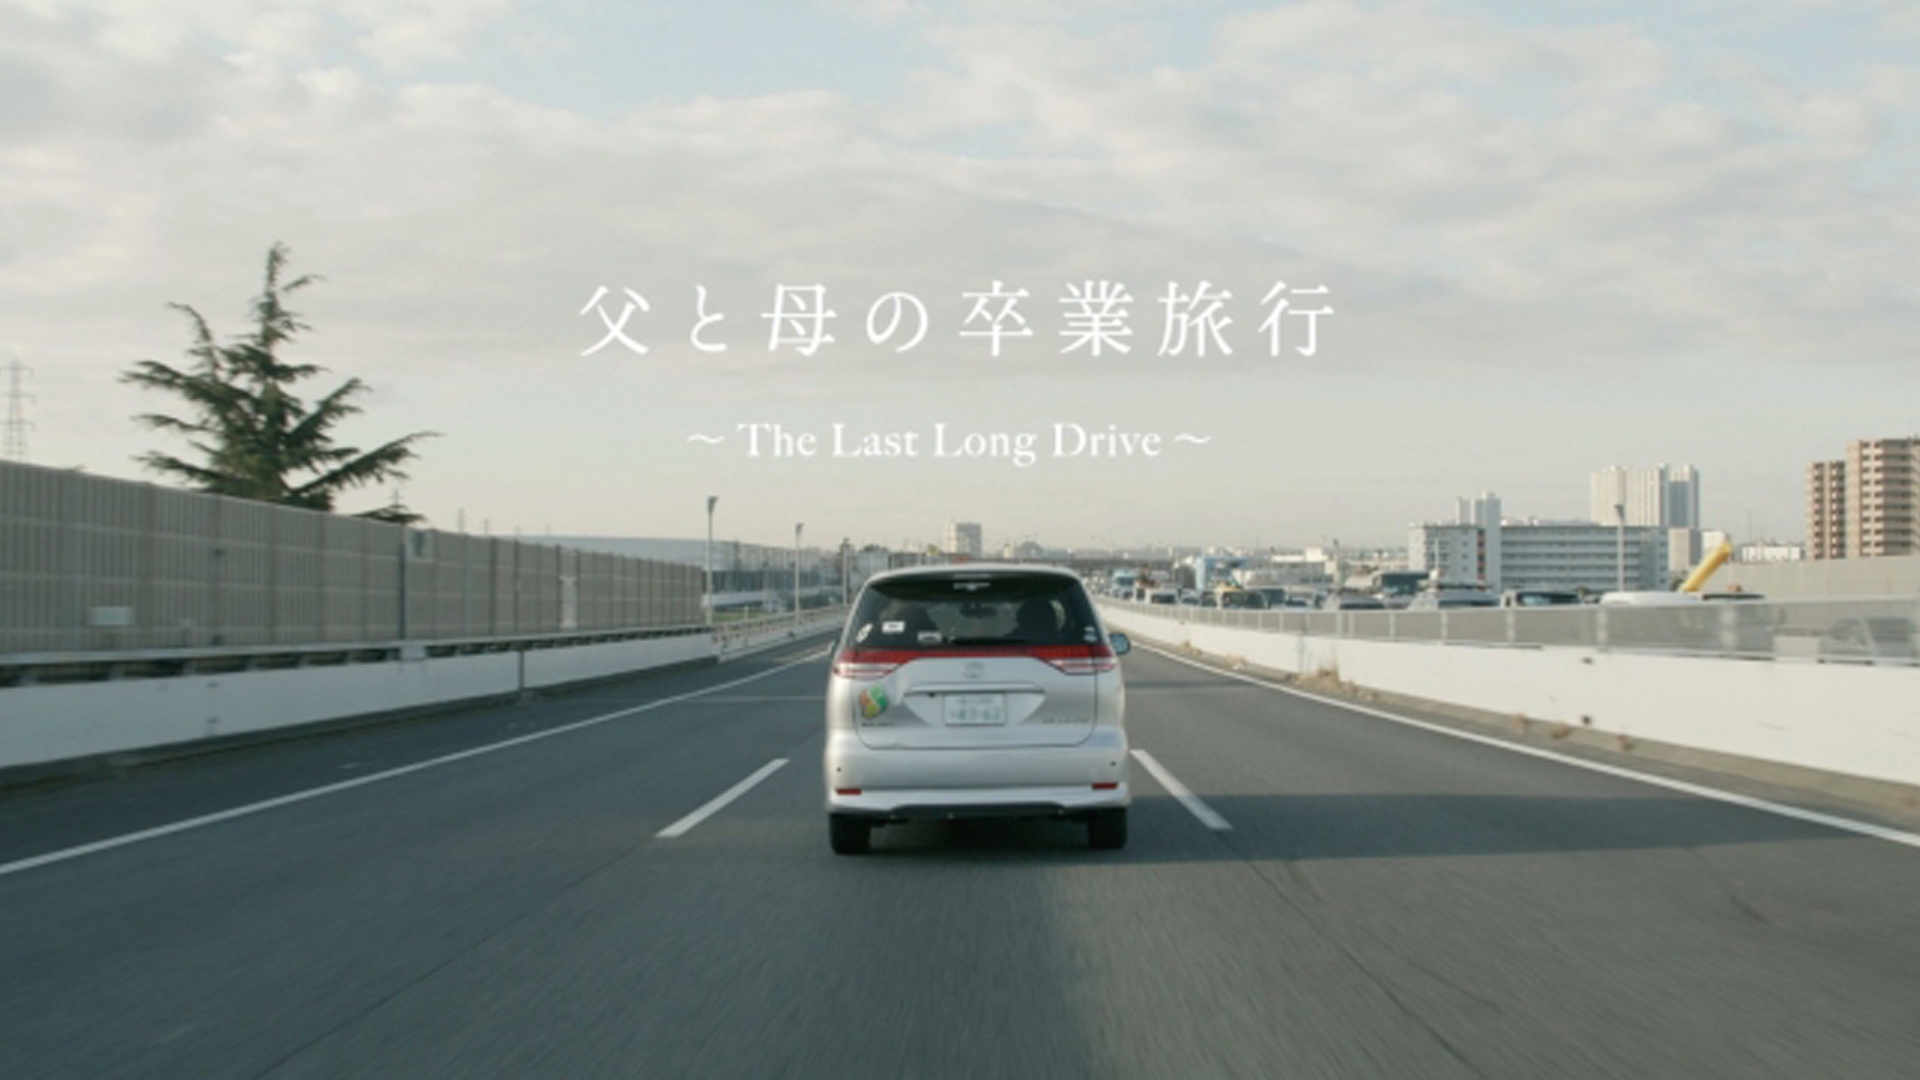 「高速道路の『逆走』は自分と関係ない・興味ない」高齢ドライバー約4割が回答